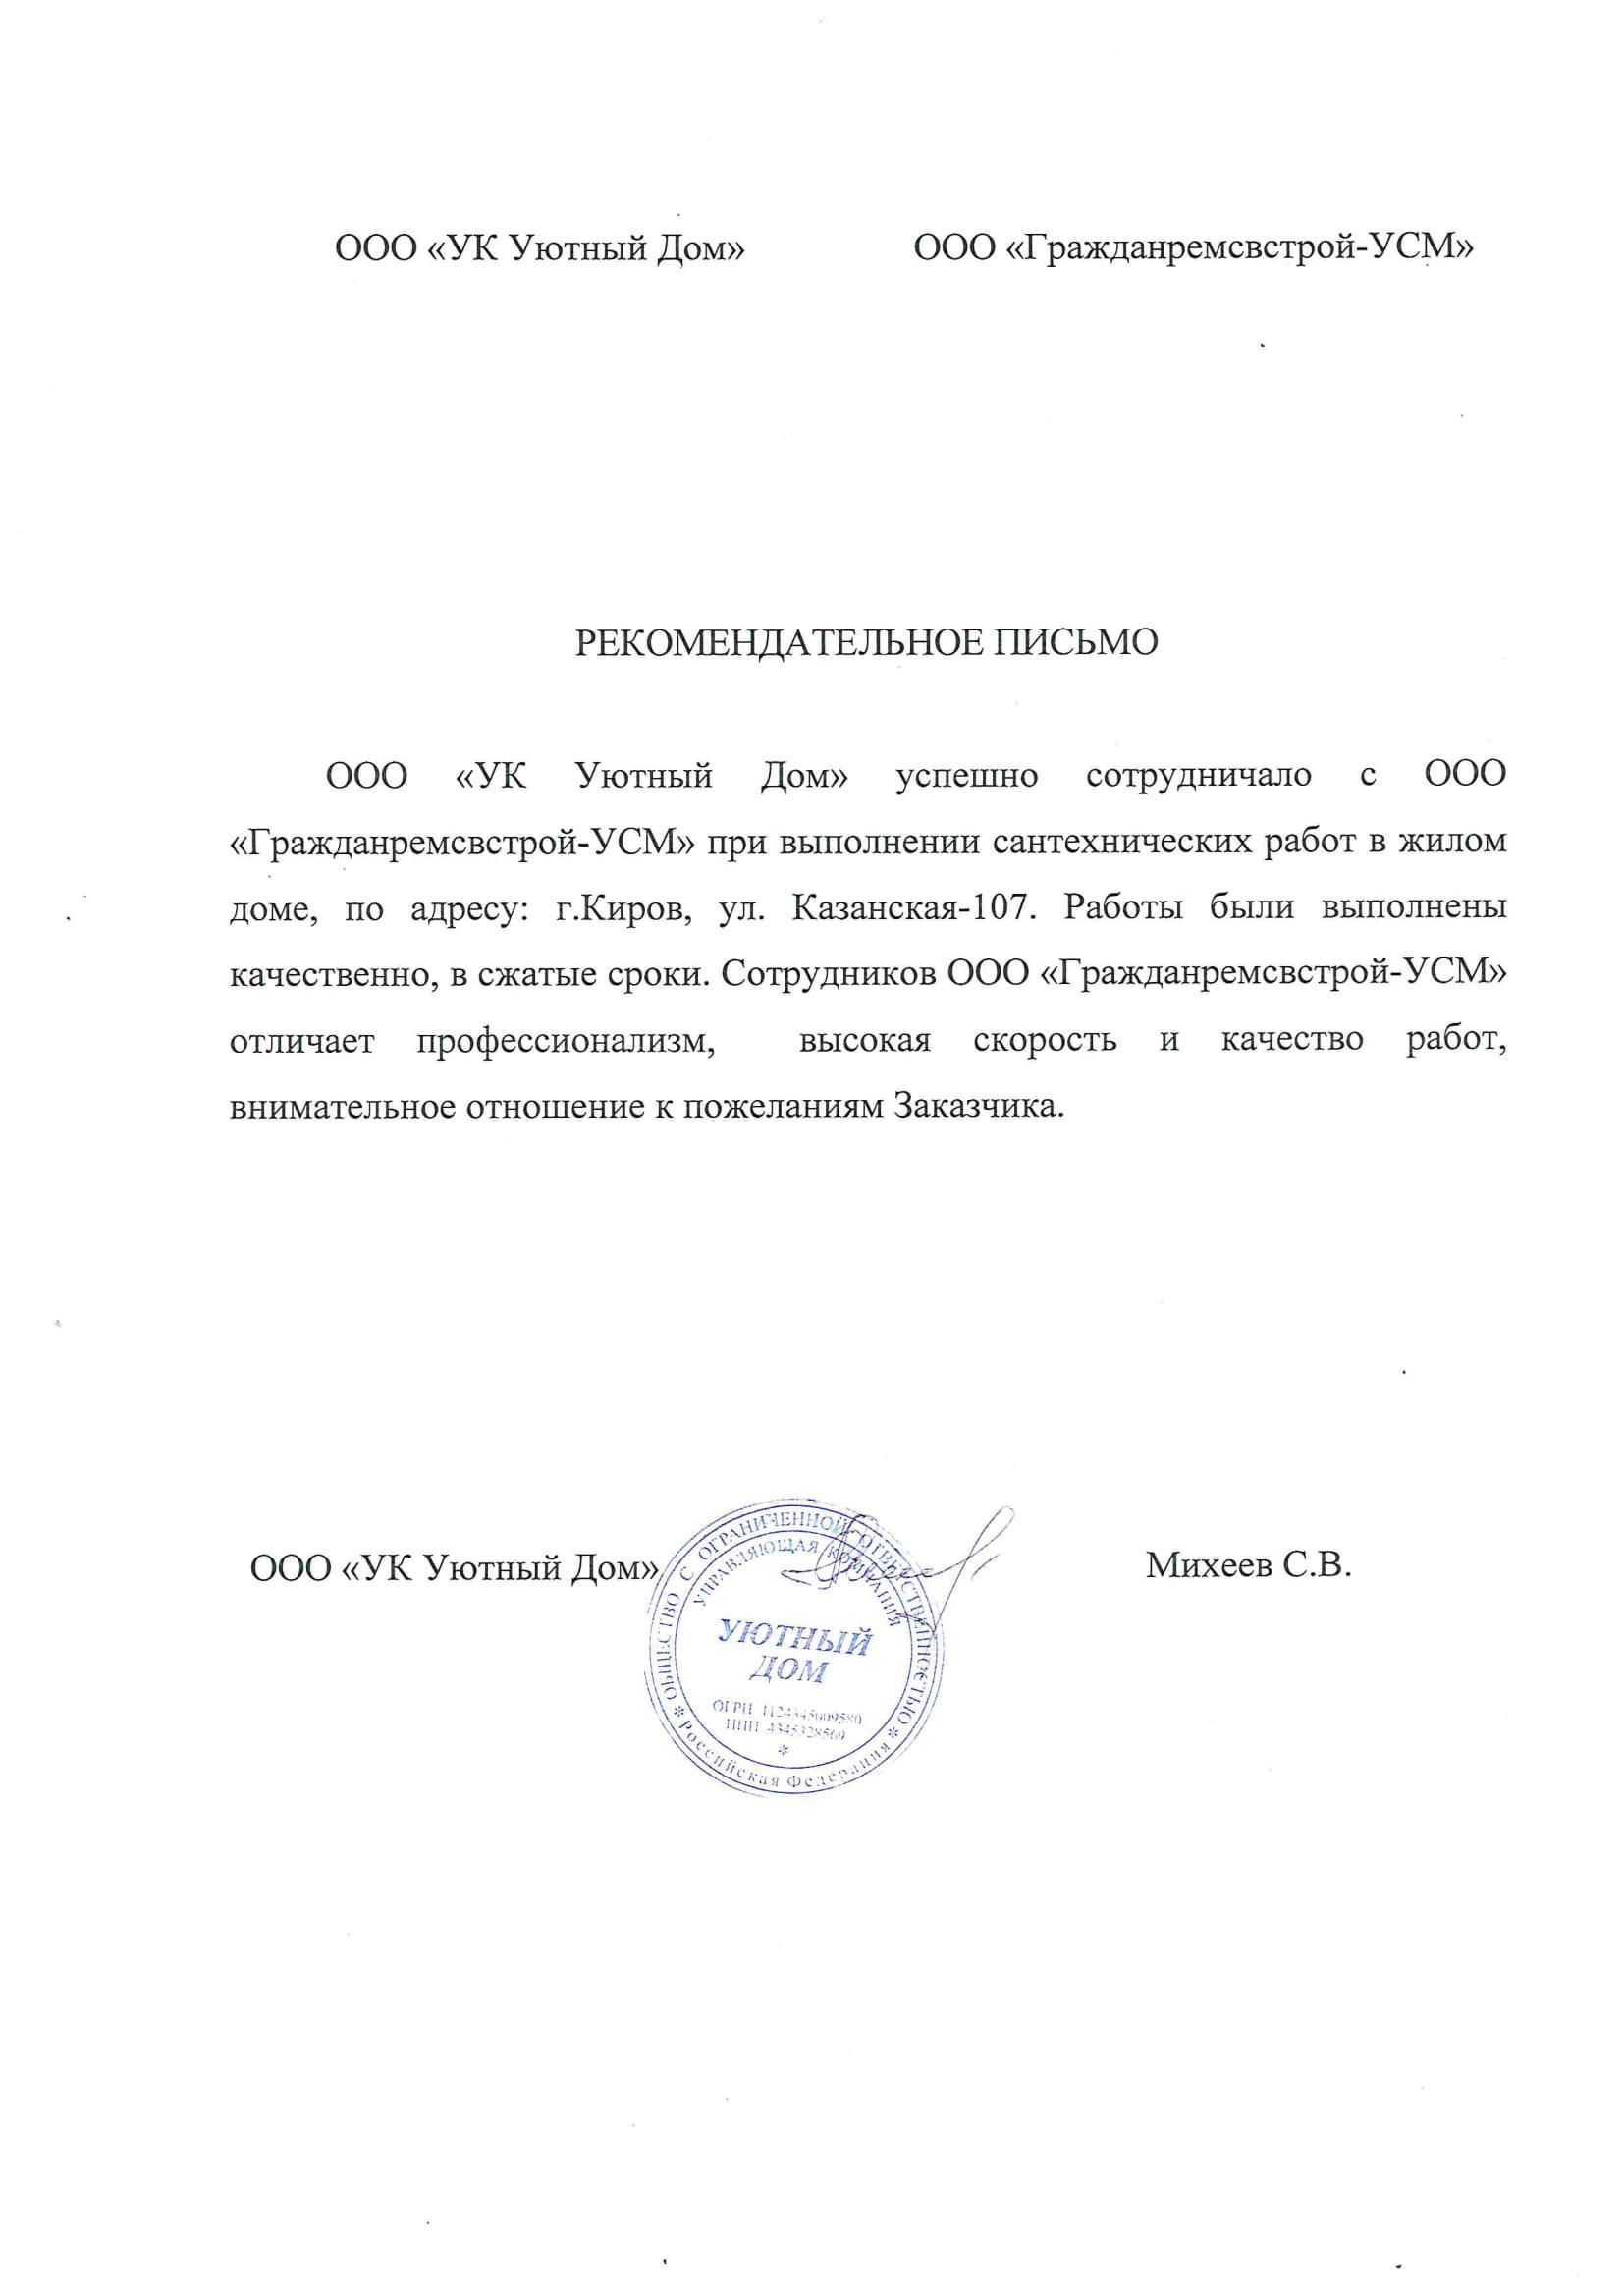 ООО УК Уютный дом, рекомендательное письмо